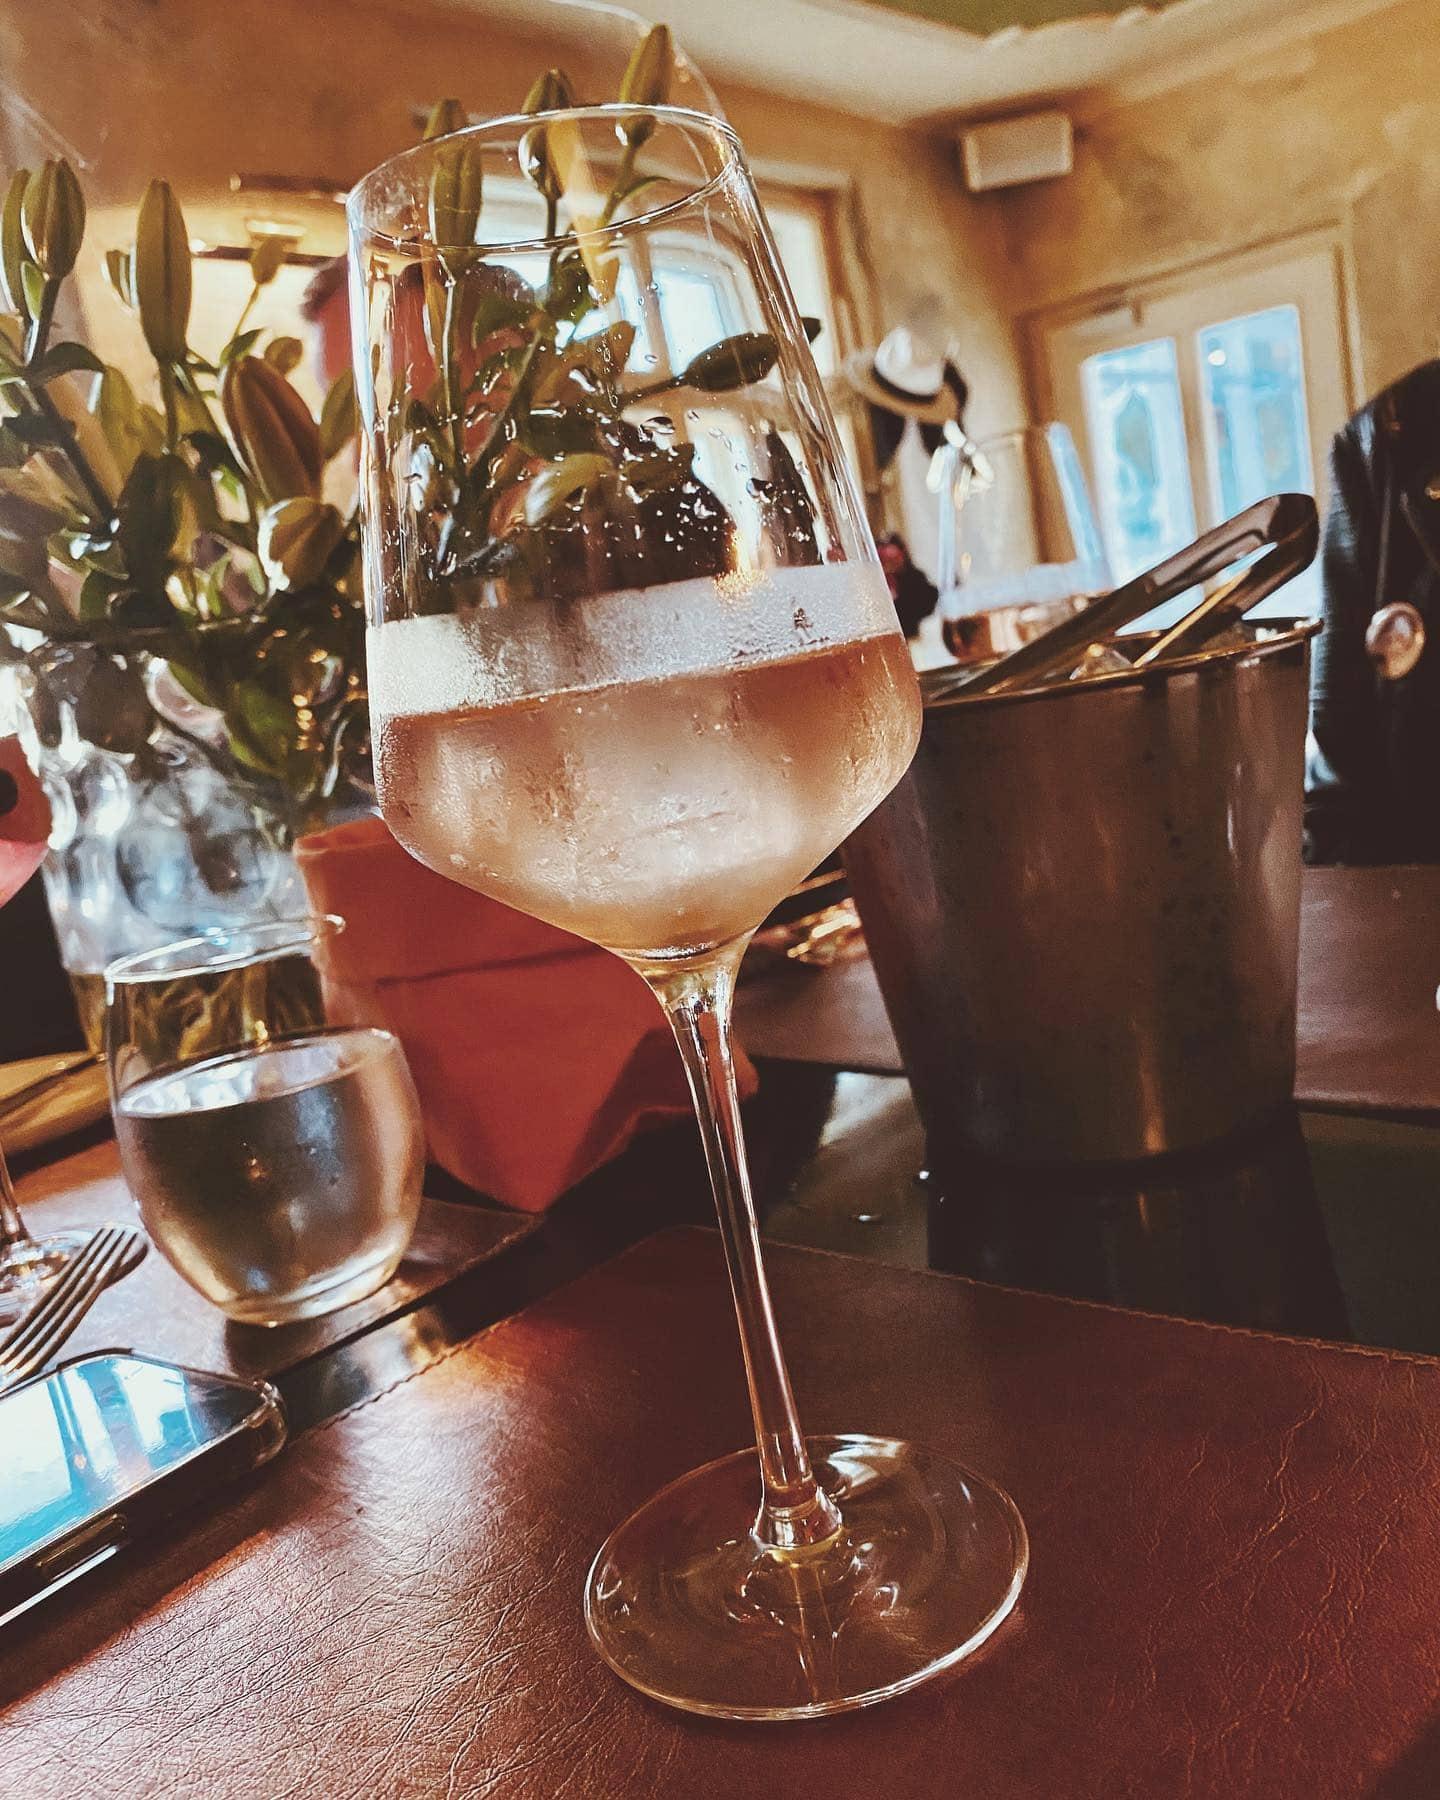 Lilletspritzer in der Bar 151er auf der Süduferstraße des Wörthersees, im Hintergrund das Restaurant